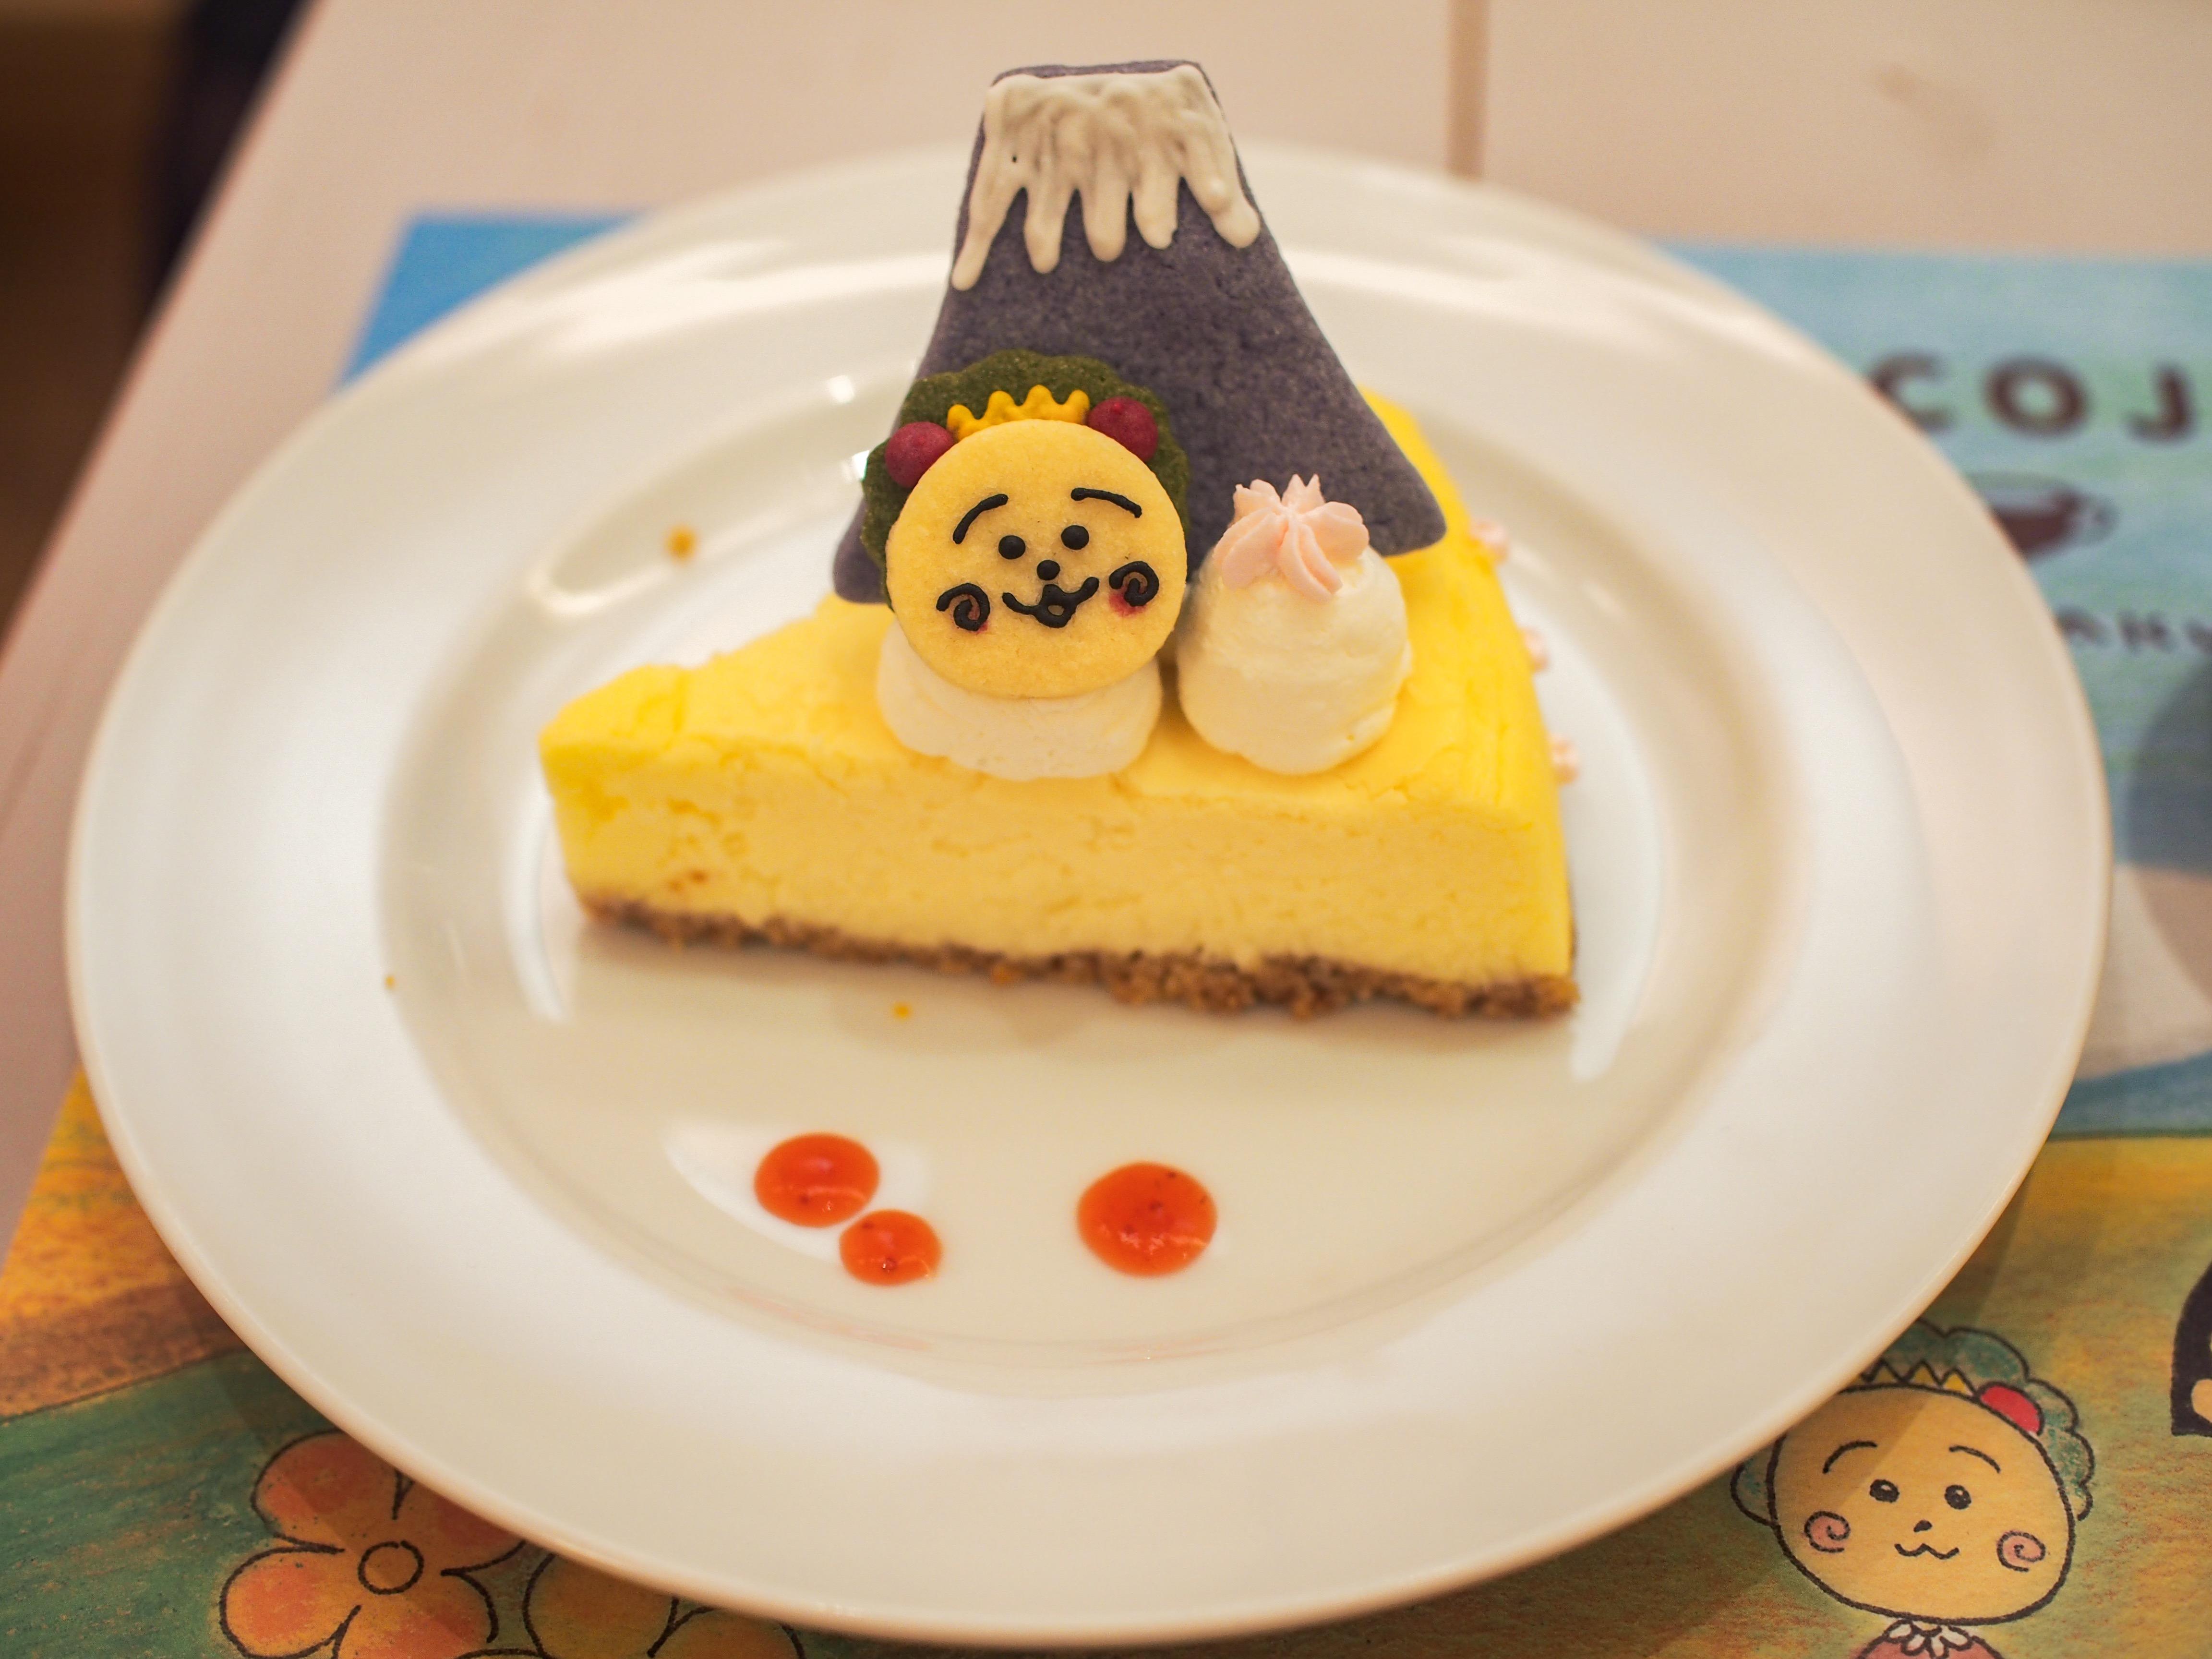 【銀座】7/31まで!「MARUKO &COJICOJI CAFE」